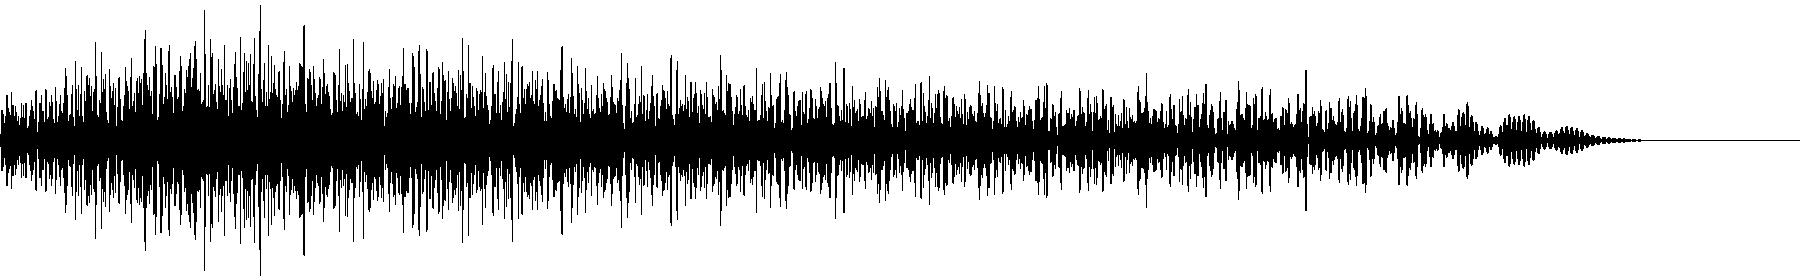 veh2 synths   082 c